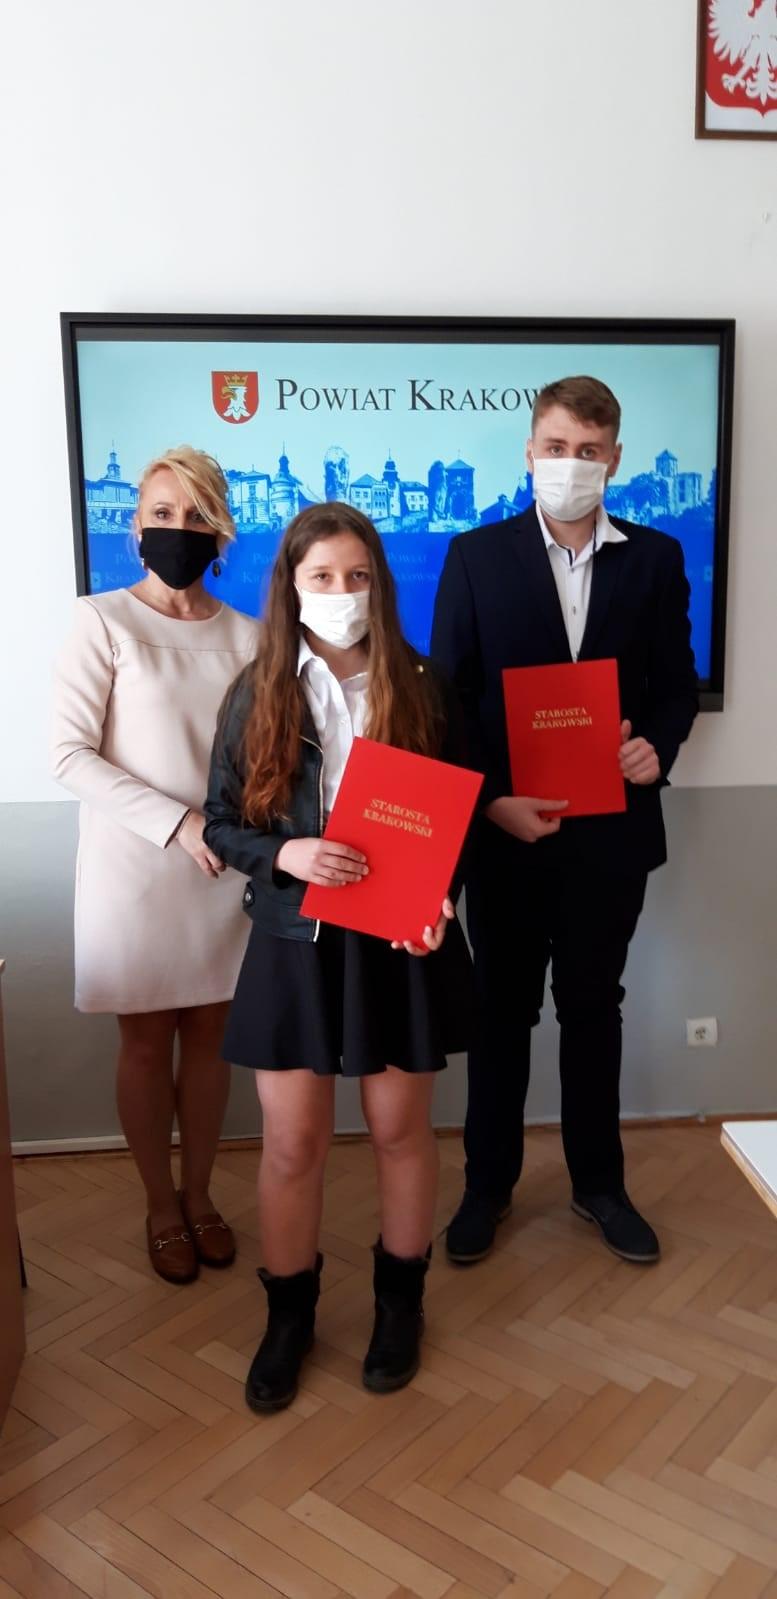 """Trzy osoby stoją przed tablicą z napisem 'POWIAT KRAKOWSKI"""". Dwie trzymają czerwone teczki z napisem """"STAROSTA KRAKOWSKI""""."""